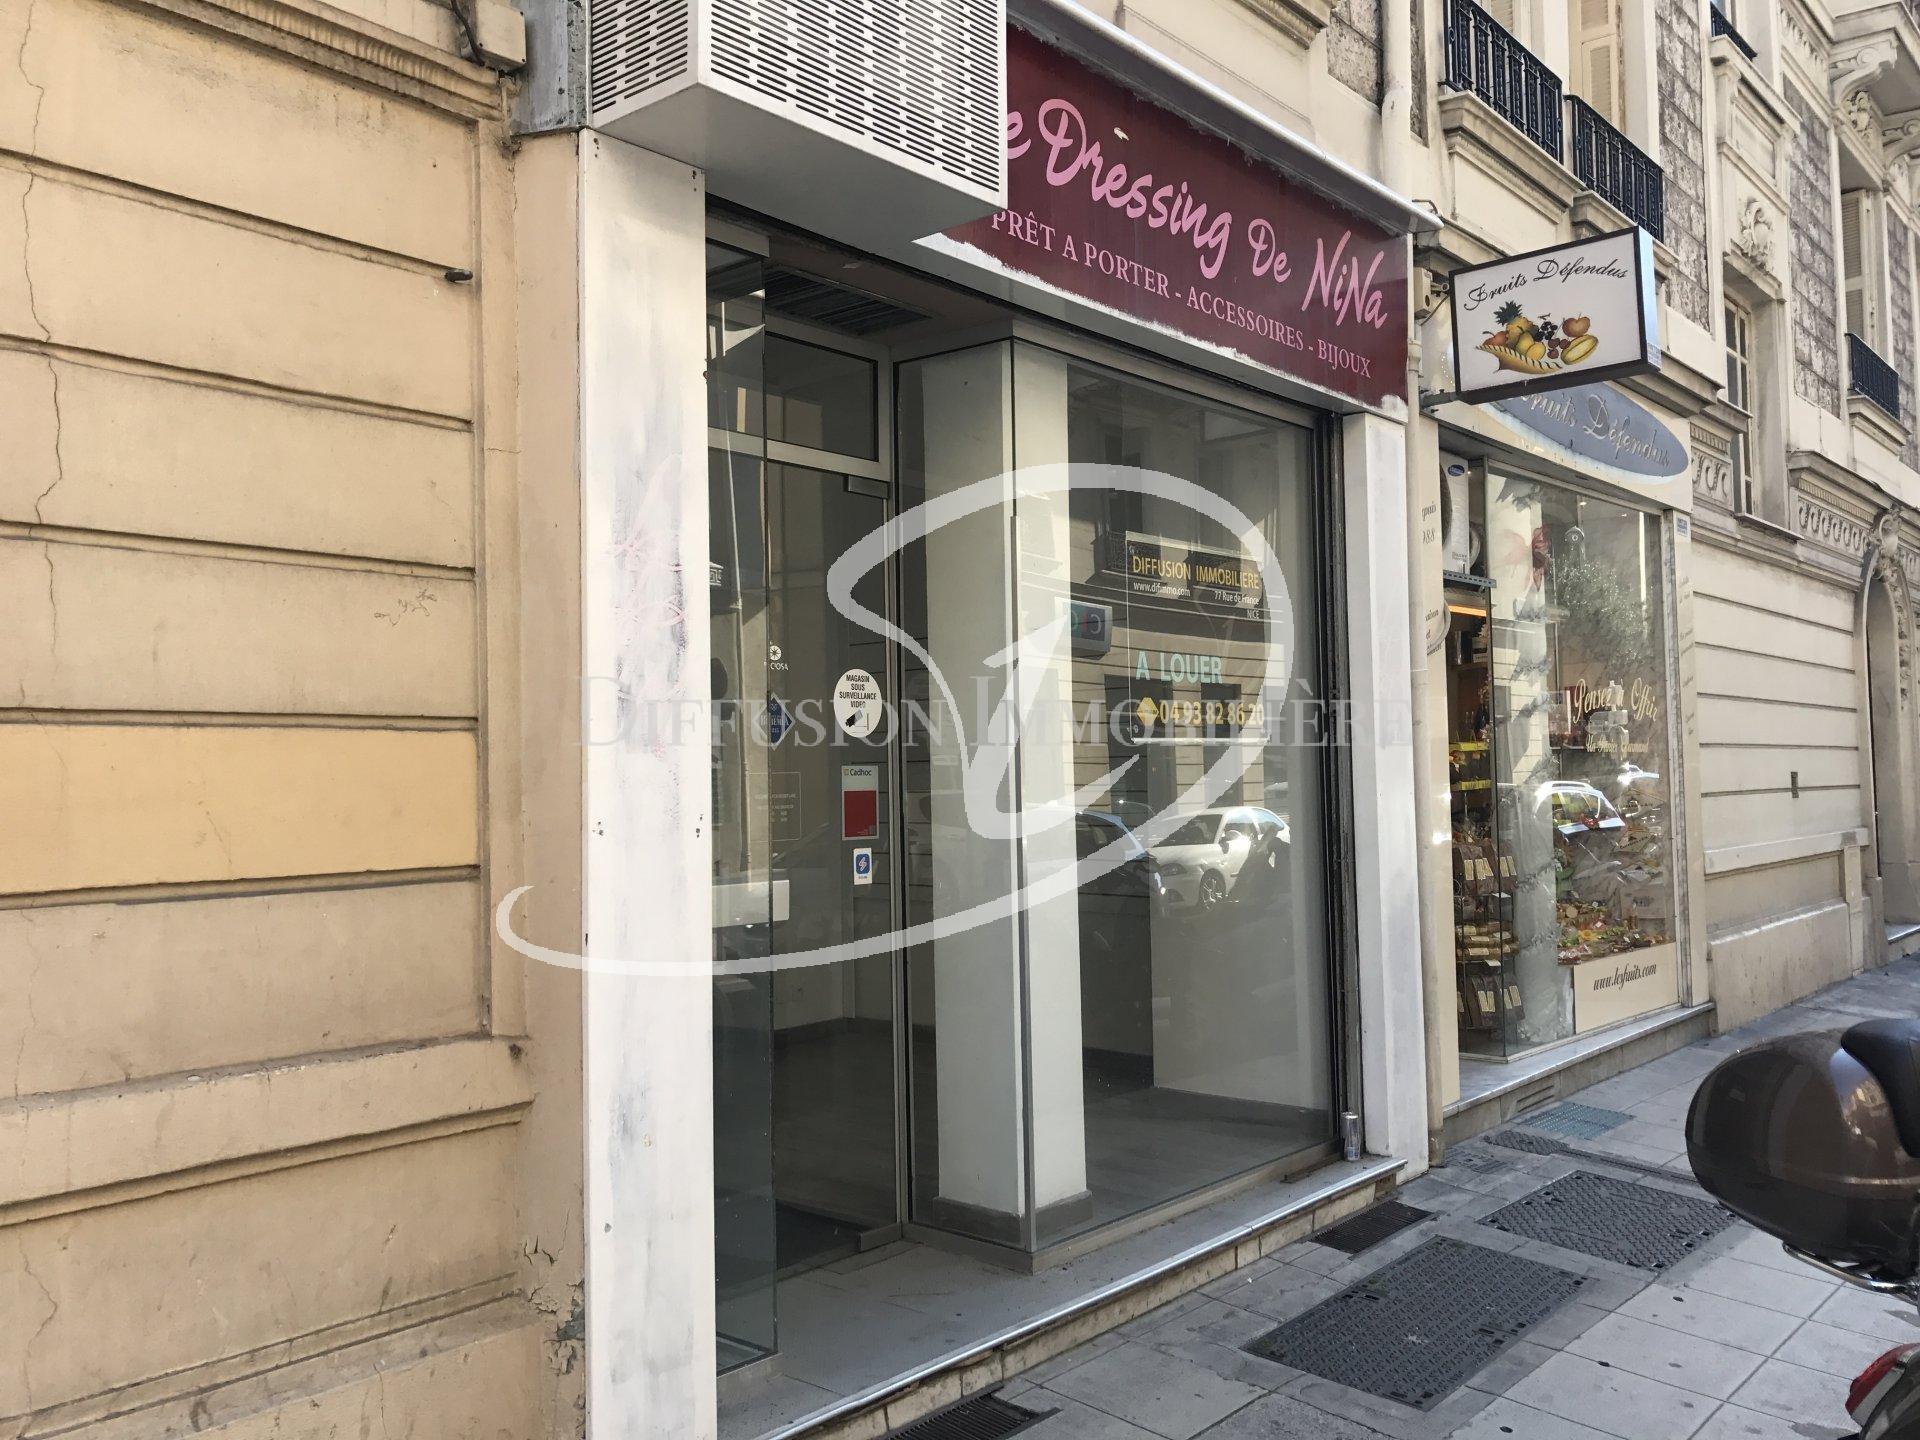 Local à louer rue de France carré d'or